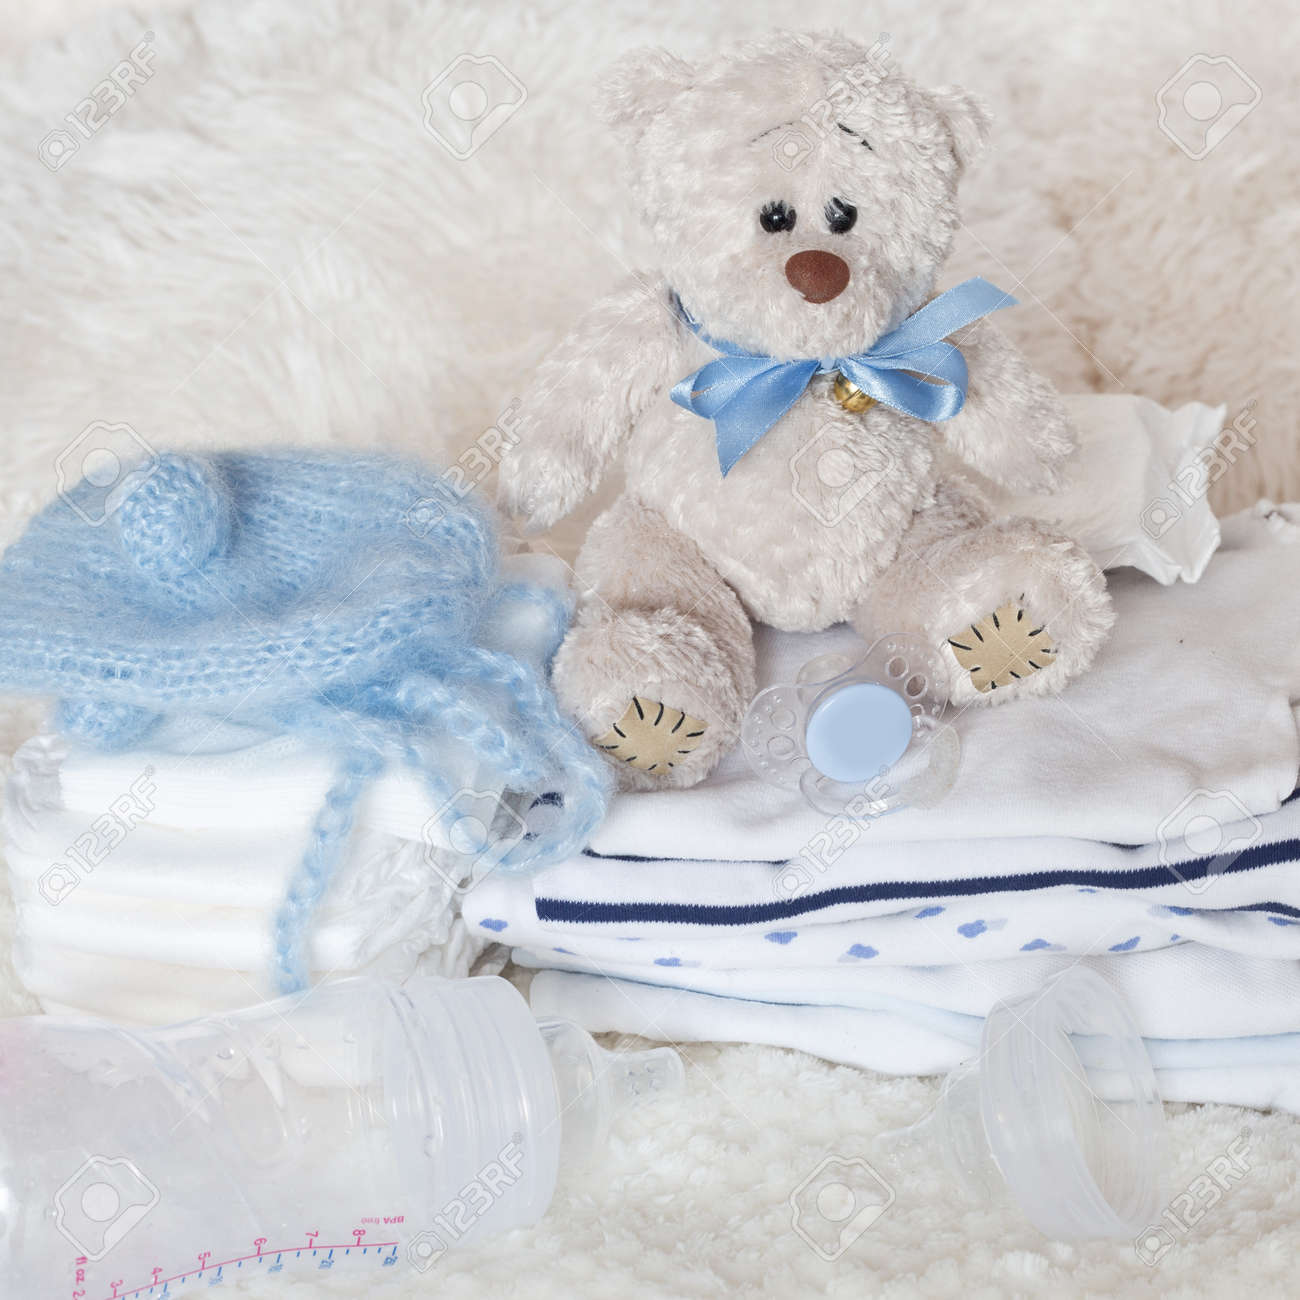 Canasta Para Bebe Recien Nacido.Canastilla Para El Bebe Recien Nacido